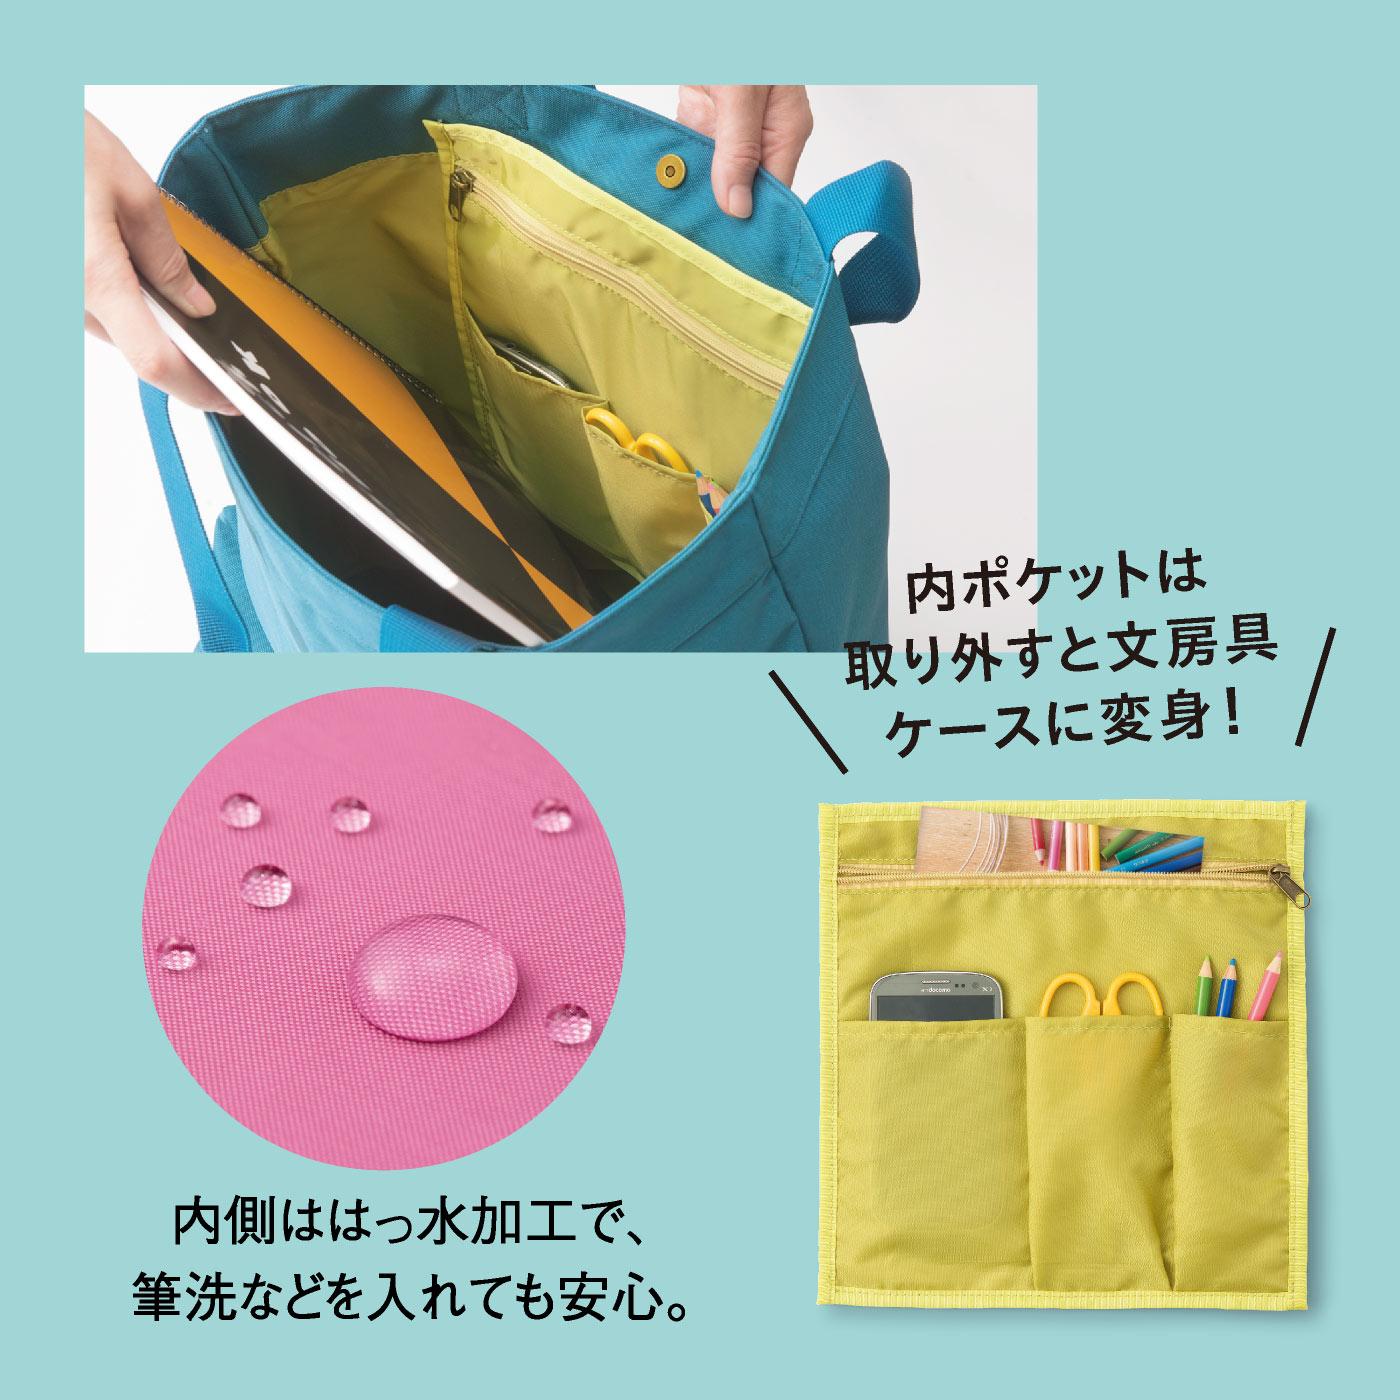 はっ水加工をほどこした内側には小物類の収納に便利なポケット付き。取り外せるので、文房具ケースとしても使えます。A5サイズのノートもすっぽり、筆洗なども躊躇せず入れられる!(裏地はライトグリーンです。)